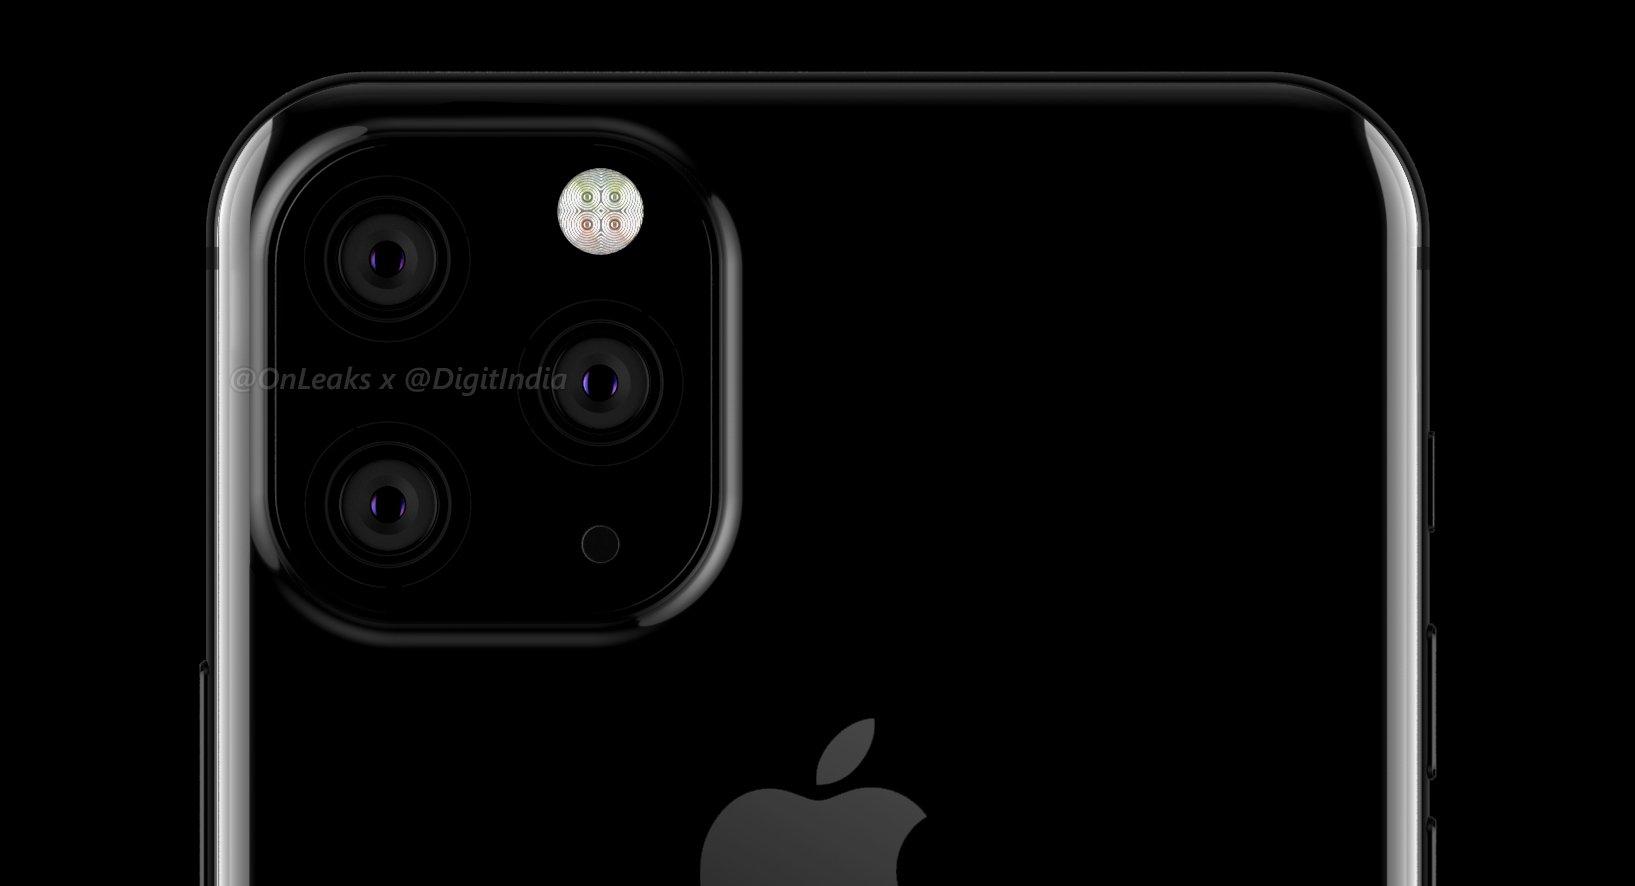 meilleur appareil photo iphone x ou xr